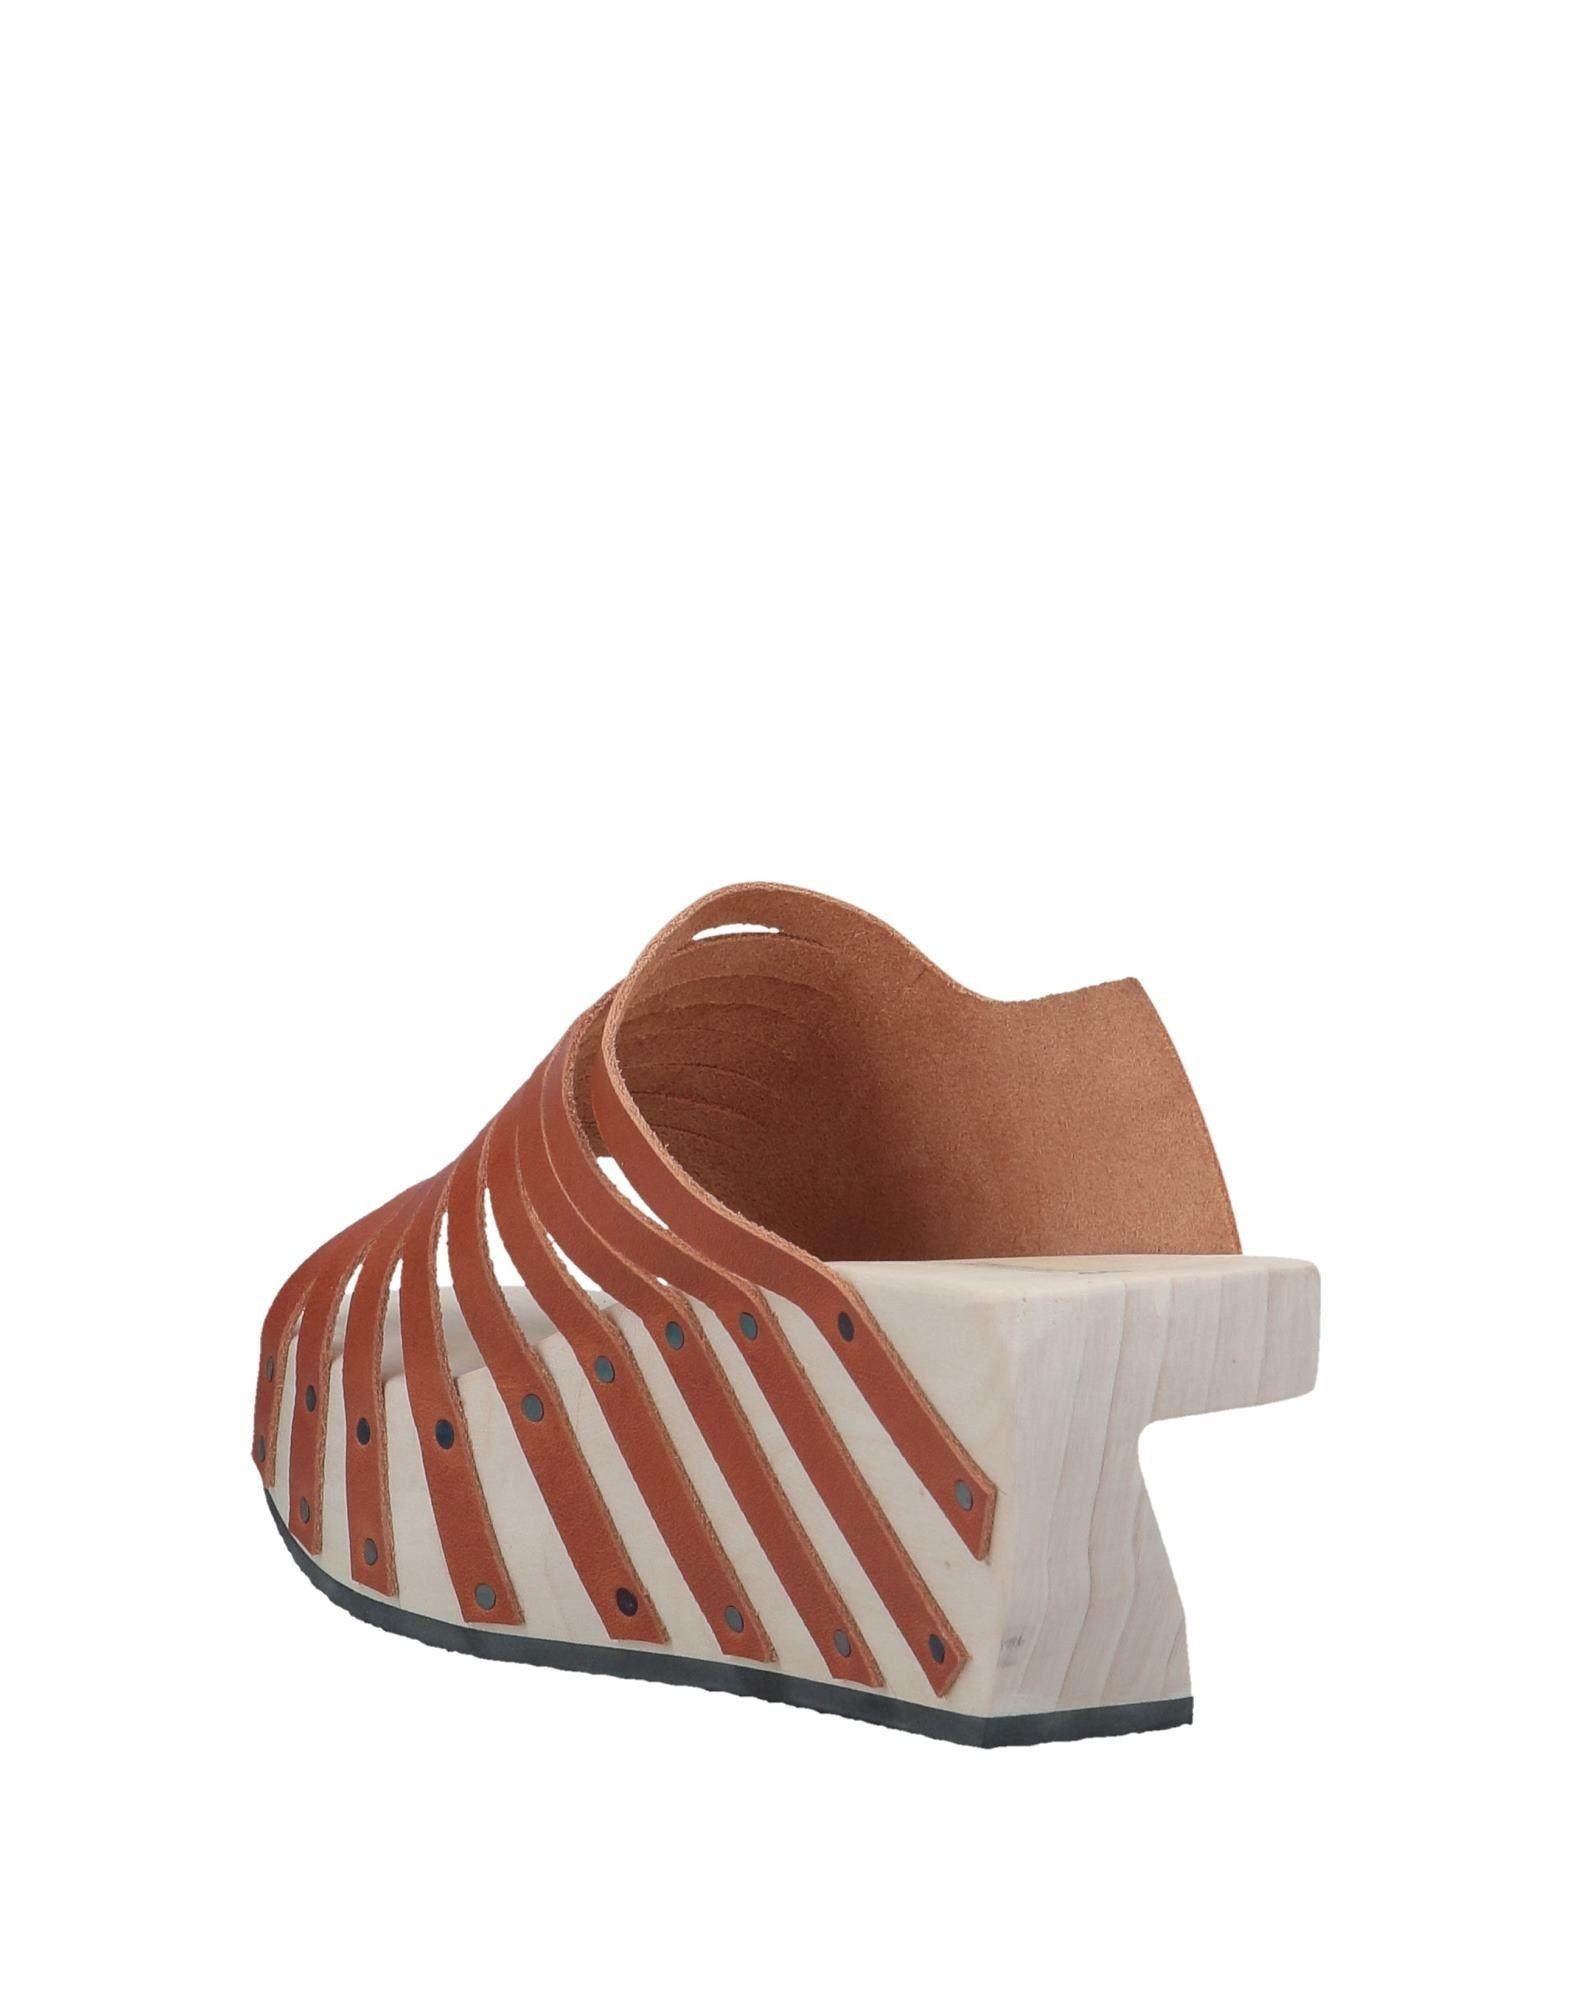 trippen sandales - femmes trippen sandales en ligne canada sur canada ligne 2695a5